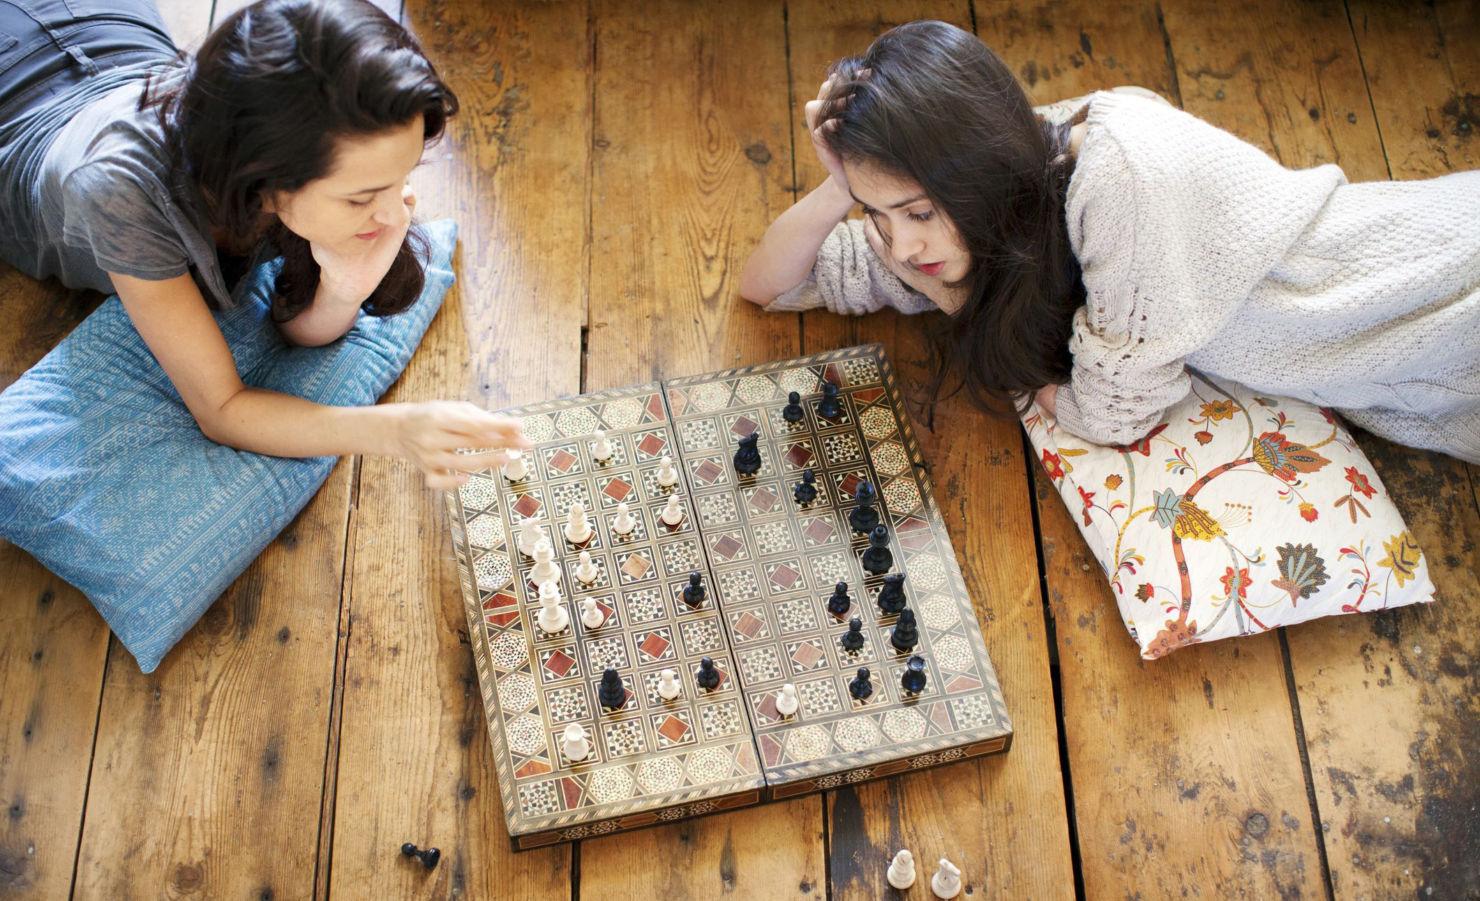 ¿Juegos de mesa o rompecabezas? Te dejamos la playlist para jugar y concentrarte